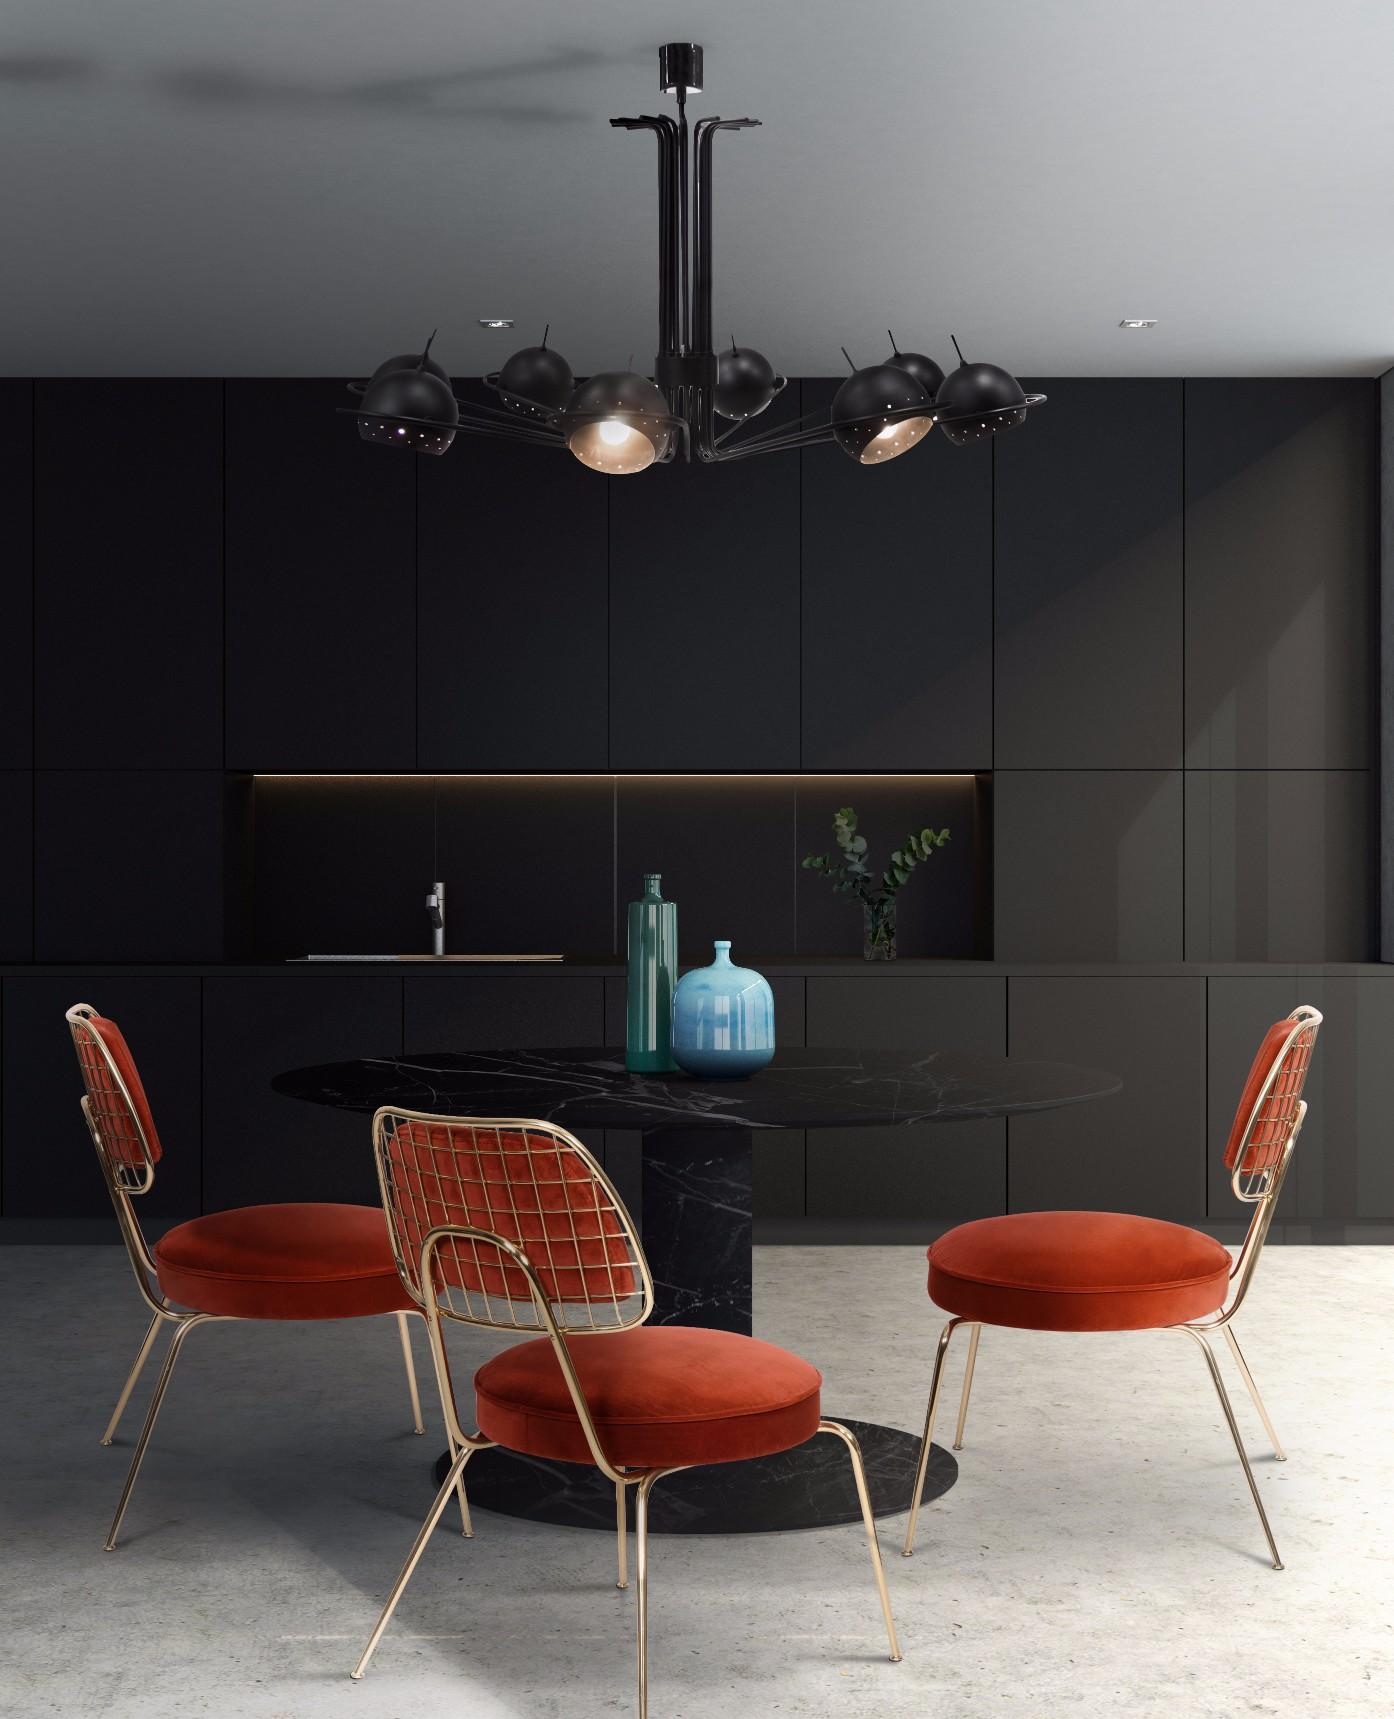 современный дизайн Декоративный свет в стиле MID-CENTURY это прекрасное дополнения к вашему интерьеру neil suspension ambience 05 HR